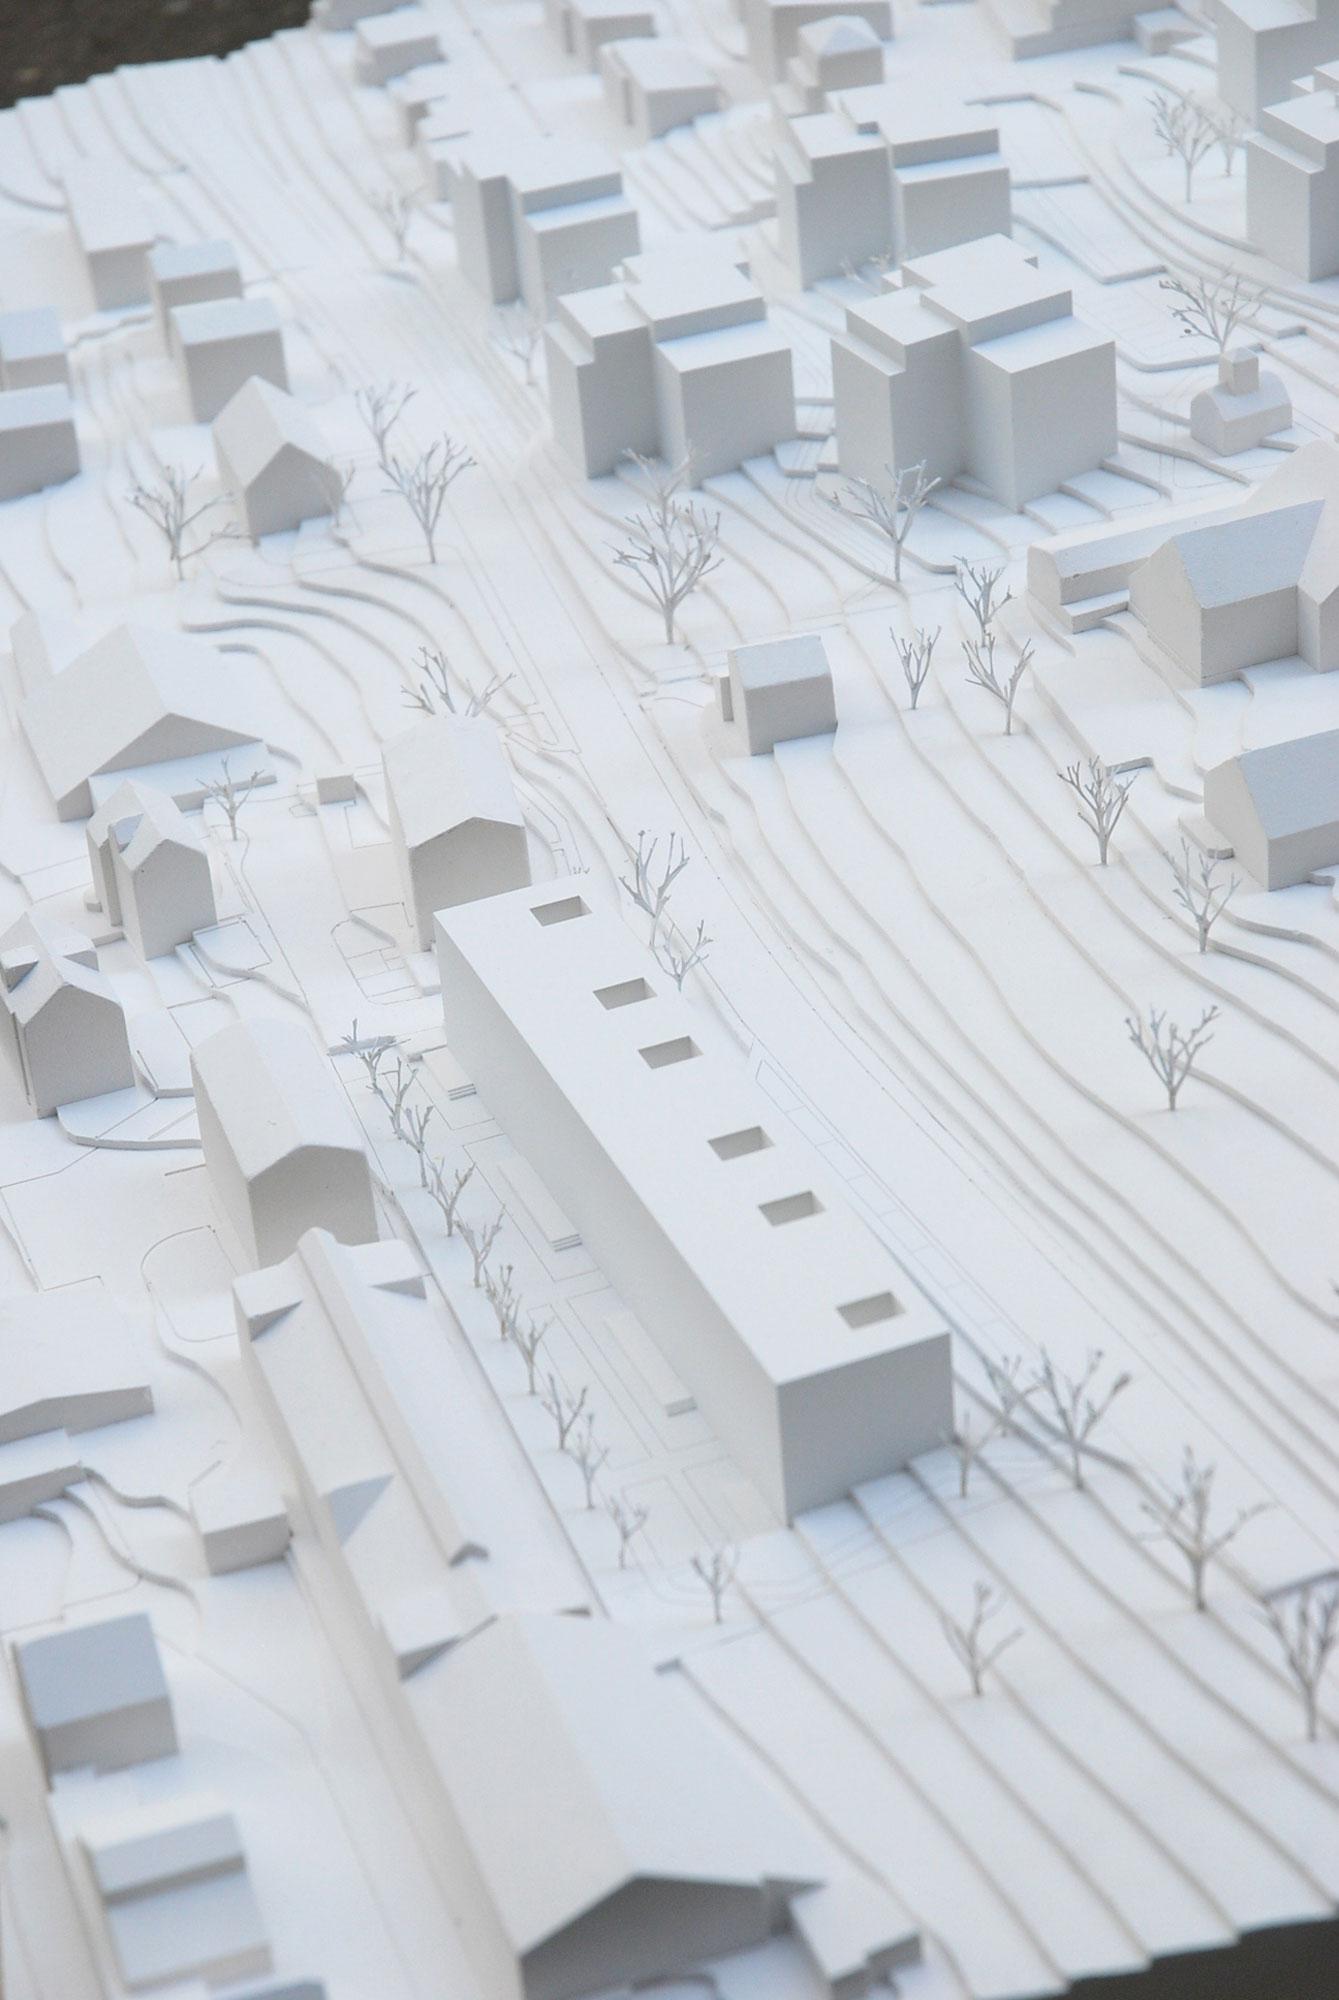 MAA_Murer_Andre_Architektur_Brunnehof_Modell_002_web.jpg